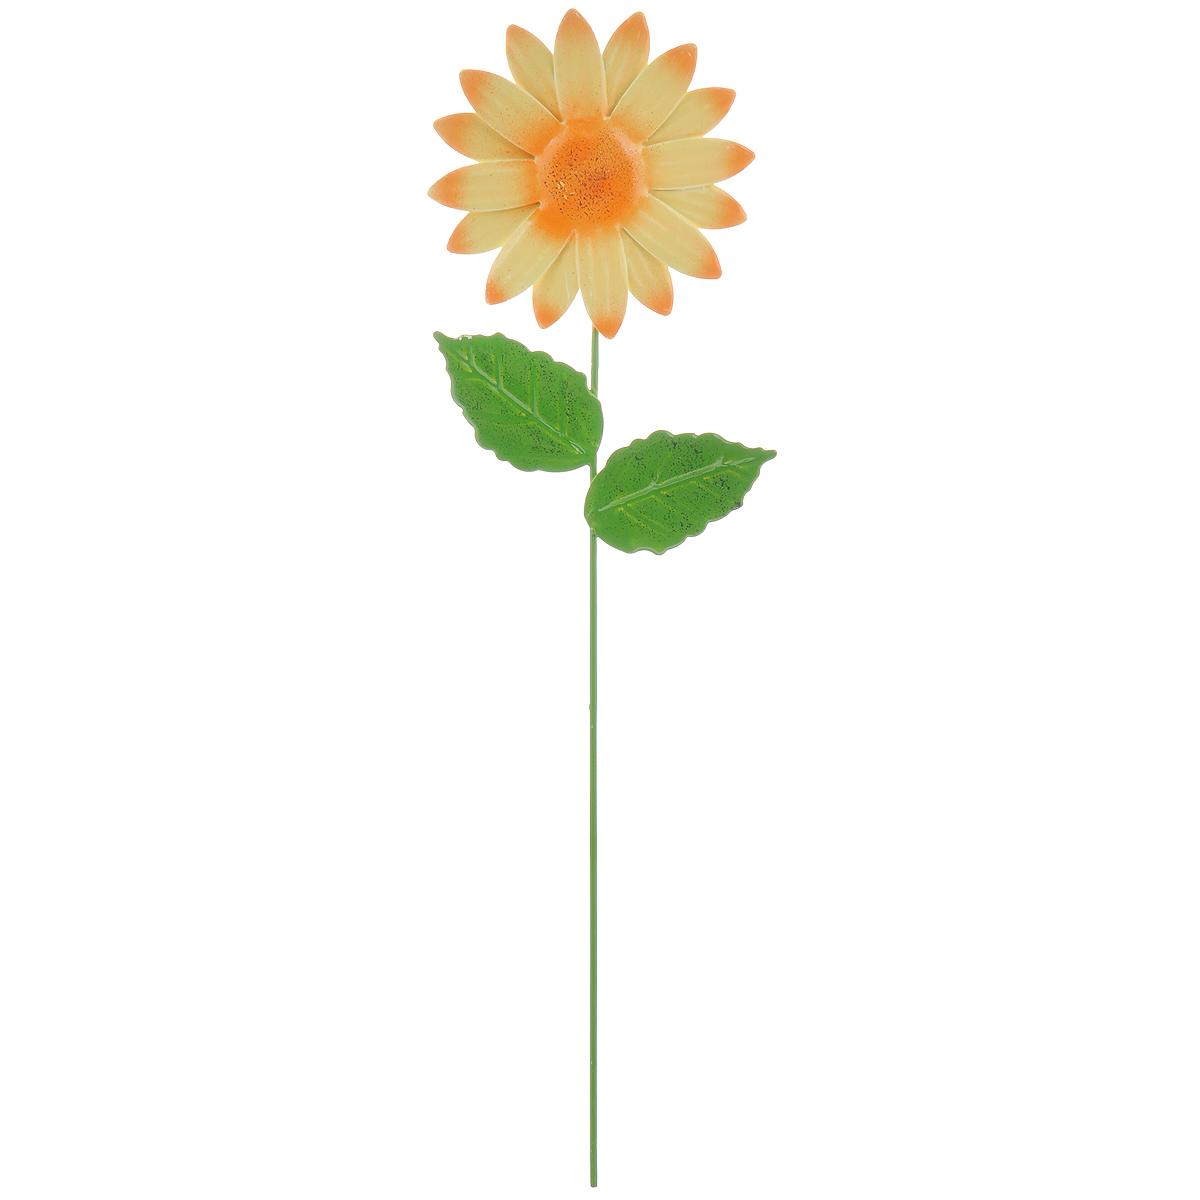 Украшение на ножке Village People Астры, цвет: желтый, высота 28,5 см67162_2Украшение на ножке Village People Астры предназначено для декорирования садового участка, грядок, клумб, цветочных кашпо, а также для поддержки и правильного роста растений. Изделие в ярком симпатичном дизайне выполнено из прочного и надежного металла, легко устанавливается в землю. Оно украсит ваш сад и добавит ярких красок.